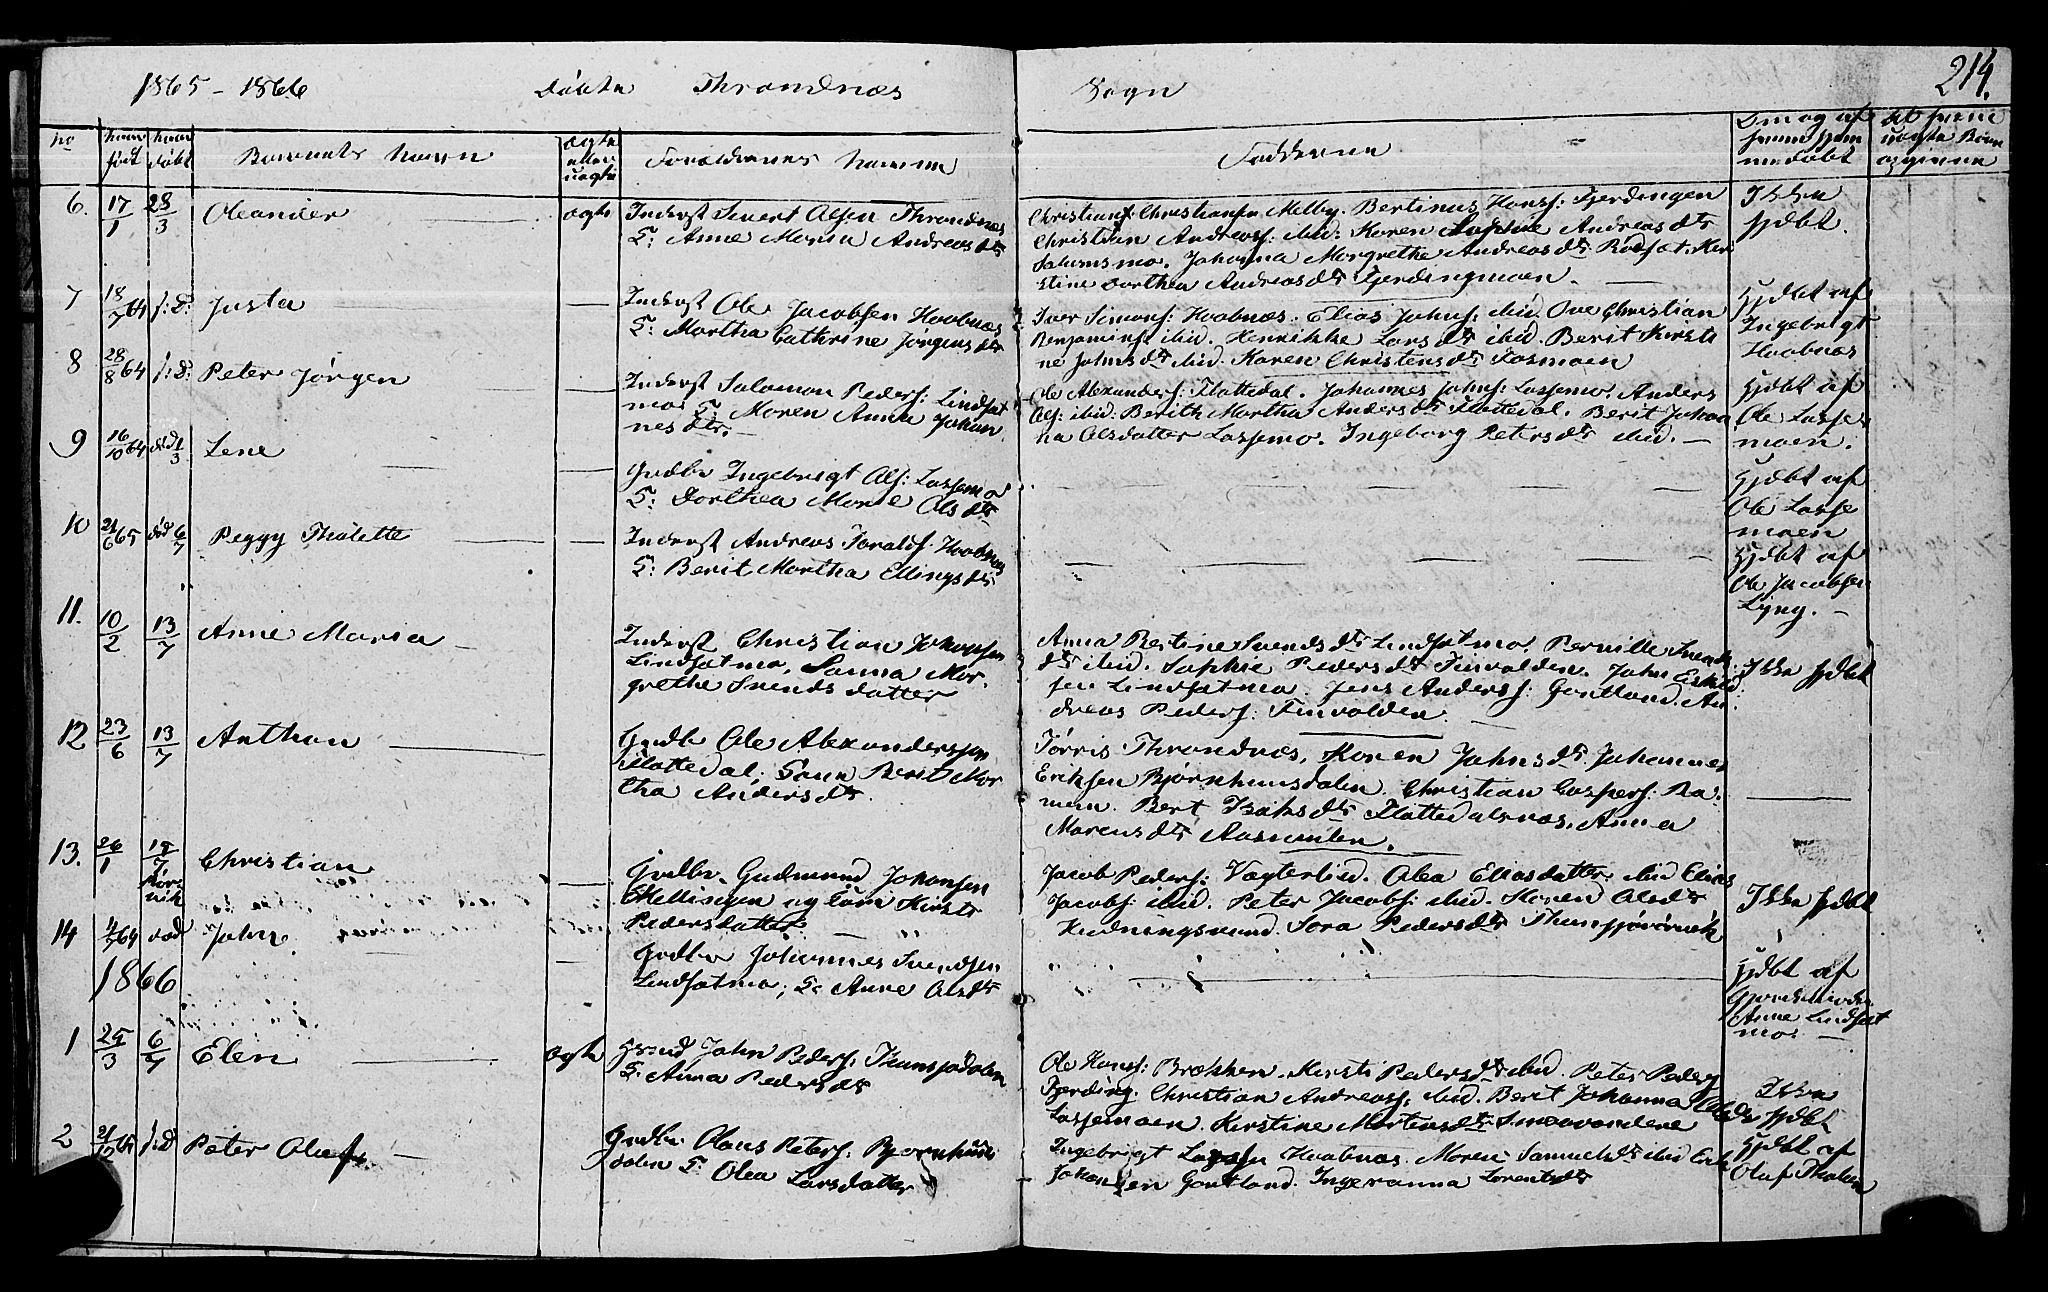 SAT, Ministerialprotokoller, klokkerbøker og fødselsregistre - Nord-Trøndelag, 762/L0538: Ministerialbok nr. 762A02 /2, 1833-1879, s. 214